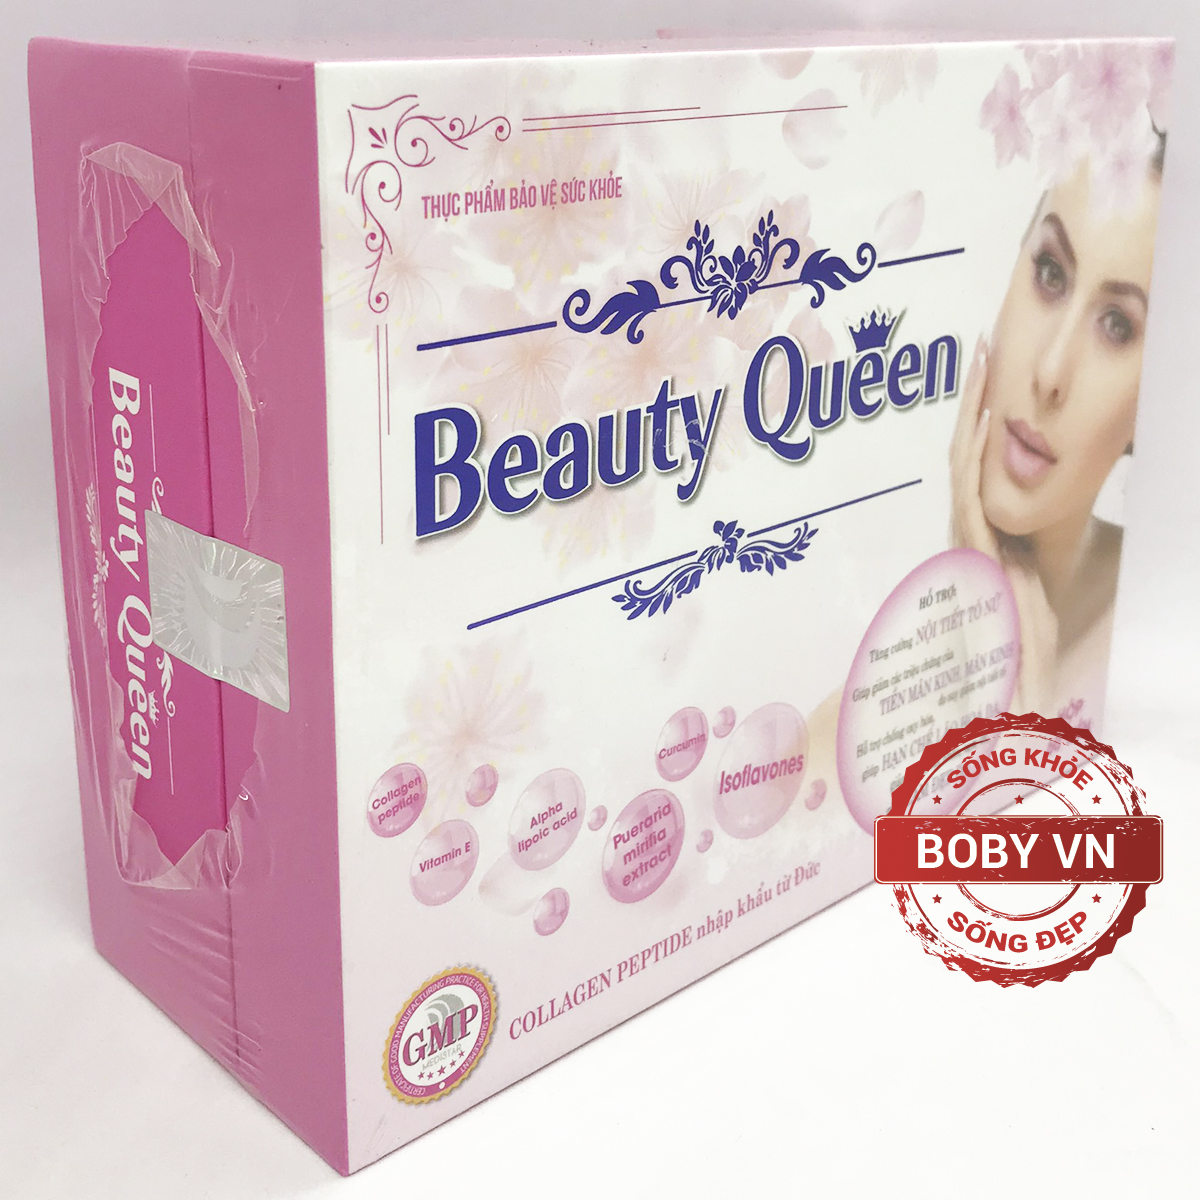 Beauty Queen - Giúp làm đẹp da, tăng cường nội tiết tố nữ